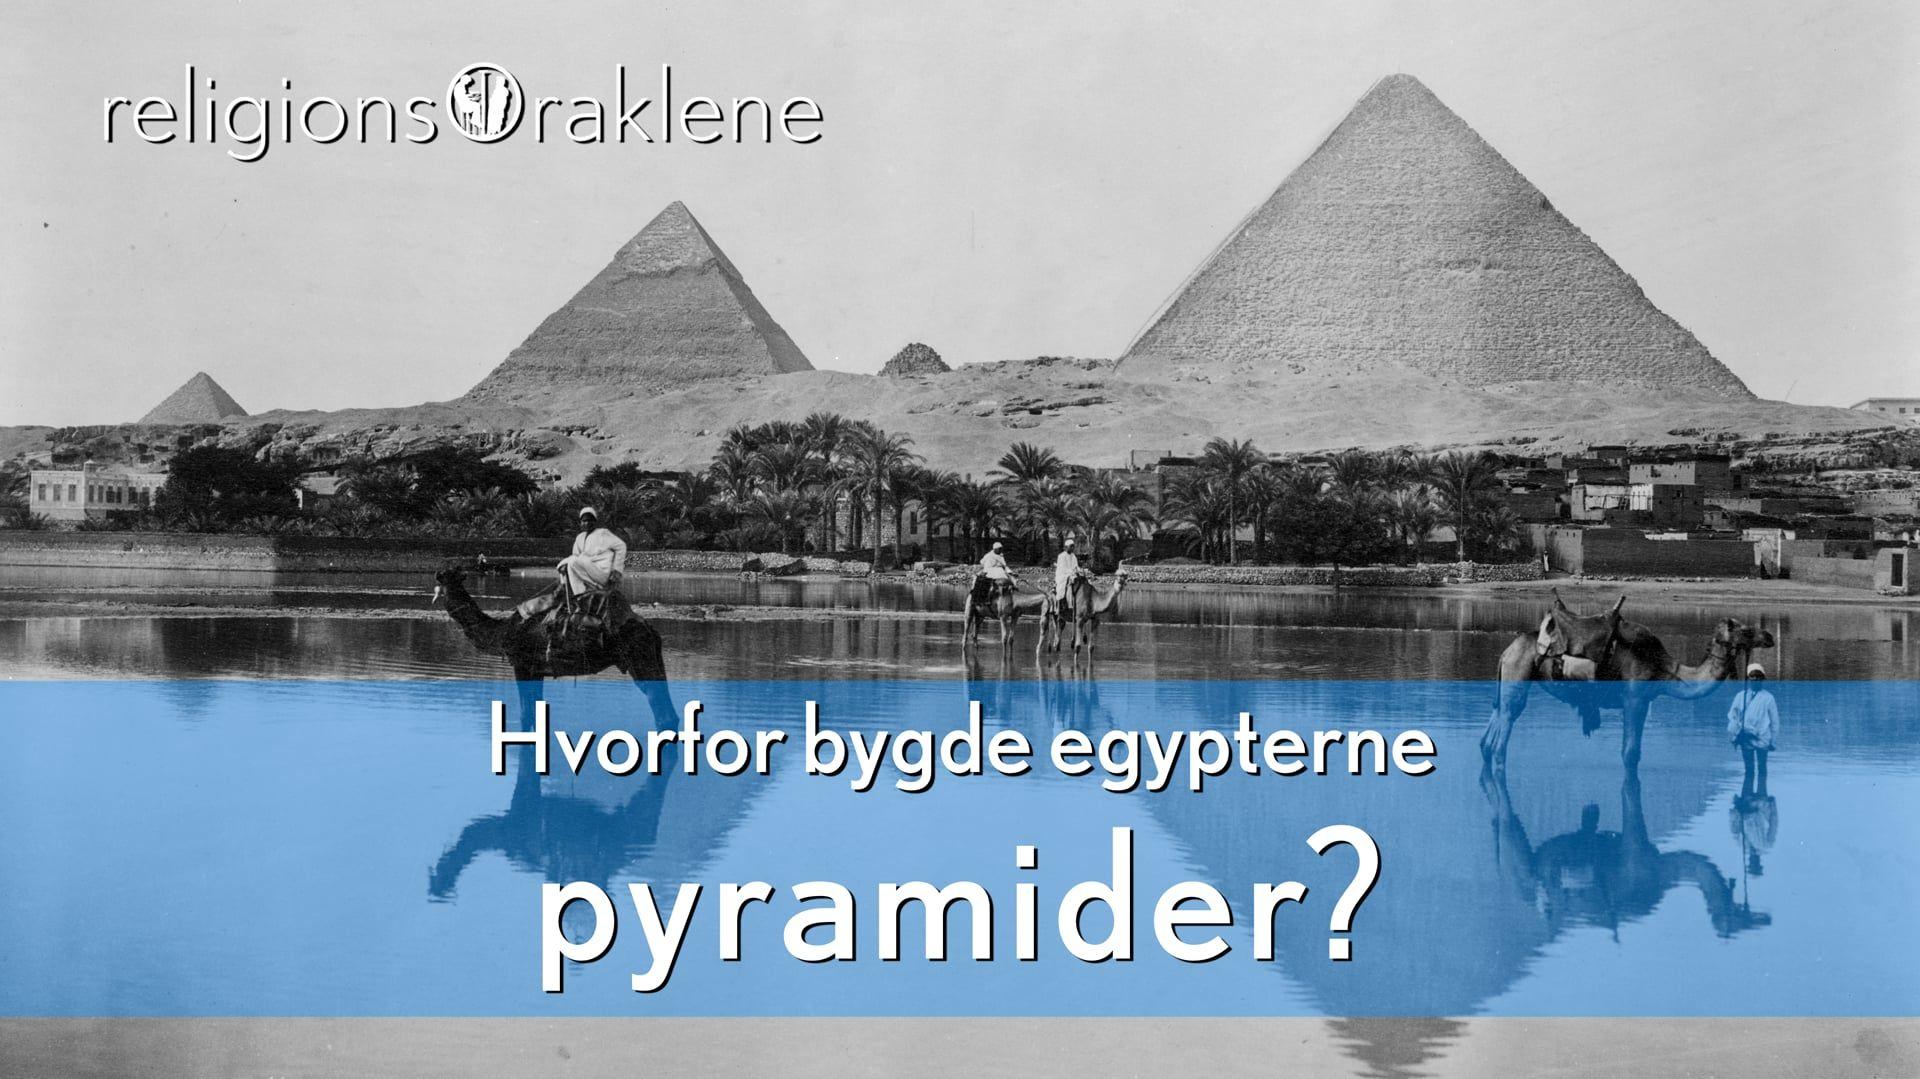 Hvorfor bygde egypterne pyramider?